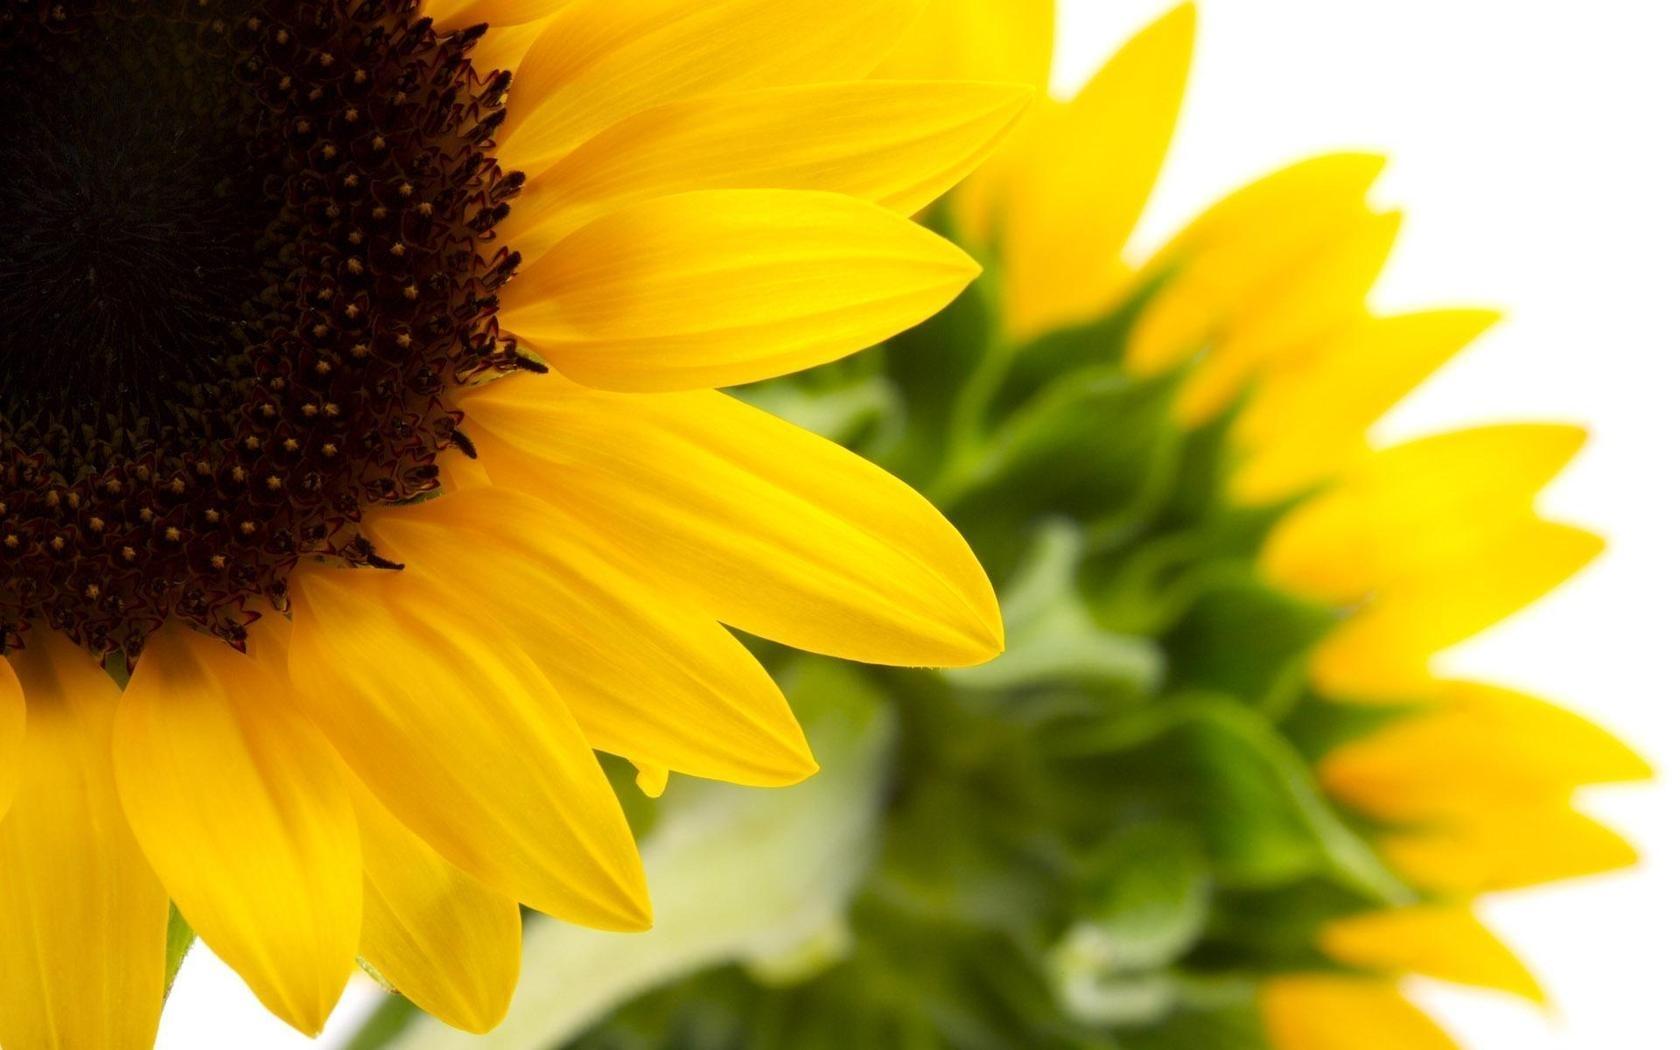 41788 скачать обои Растения, Подсолнухи - заставки и картинки бесплатно